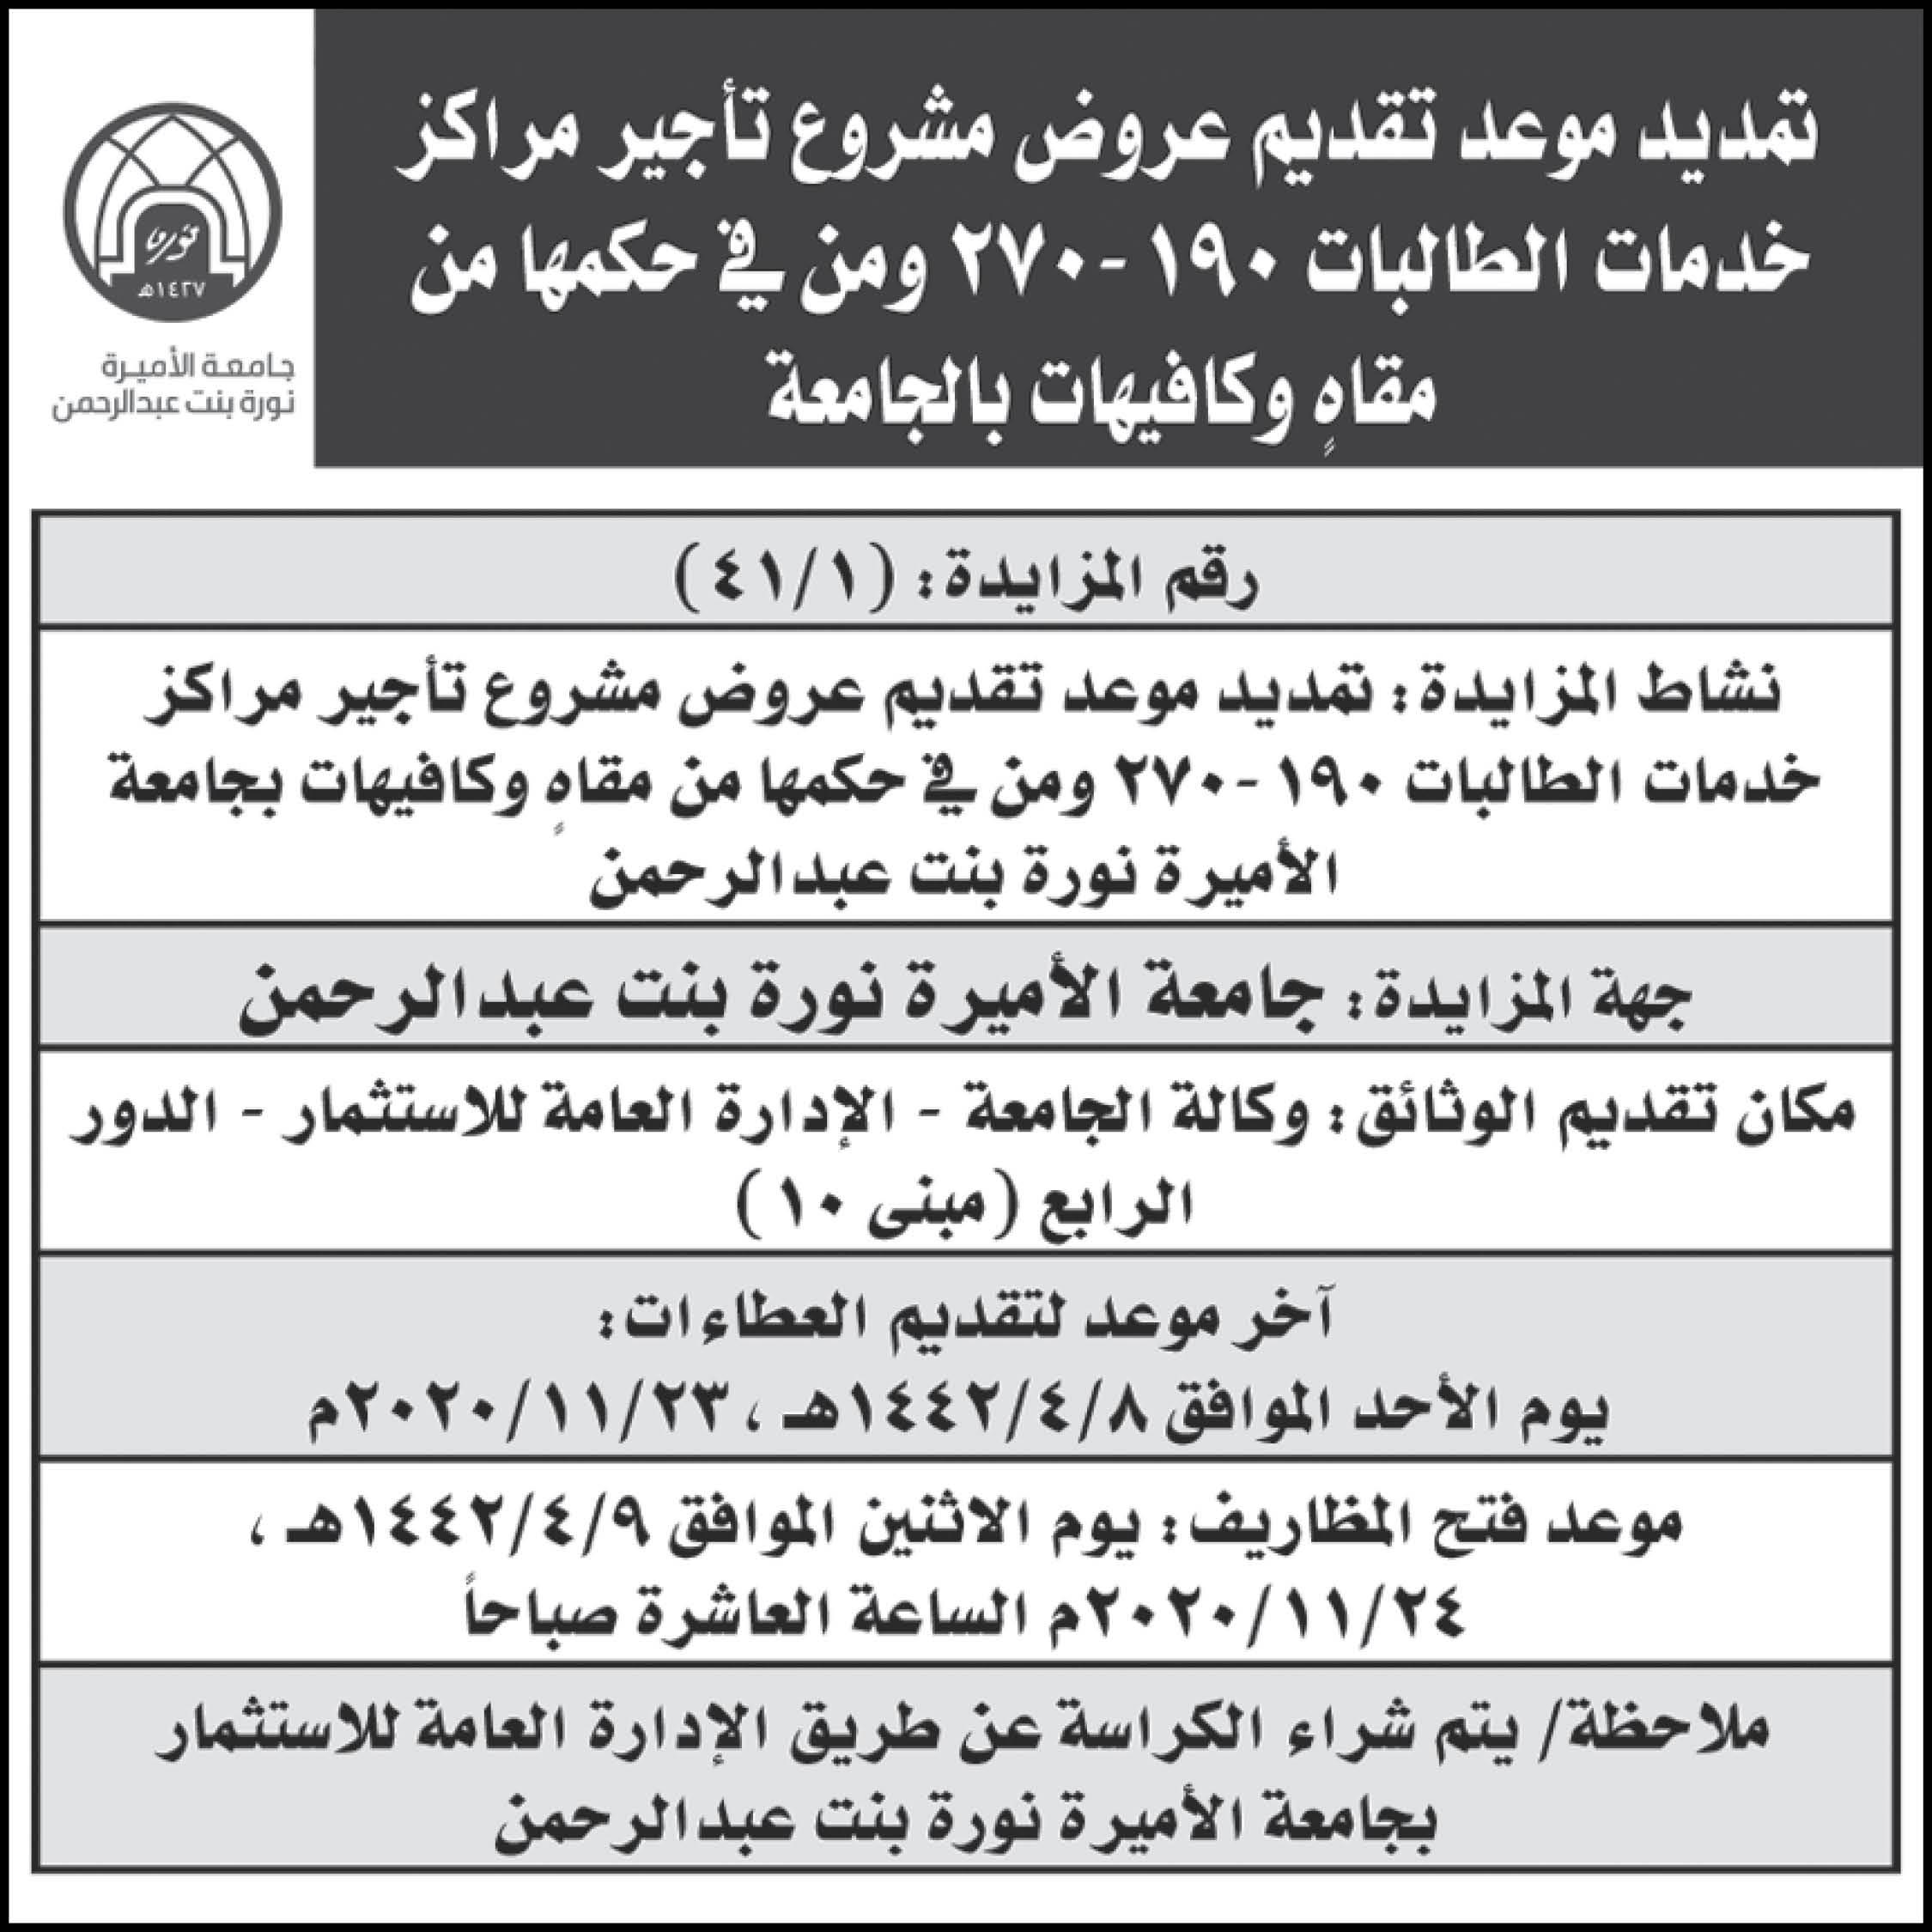 تمديد موعد تقديم عروض مشروع جامعة الاميرة نورة